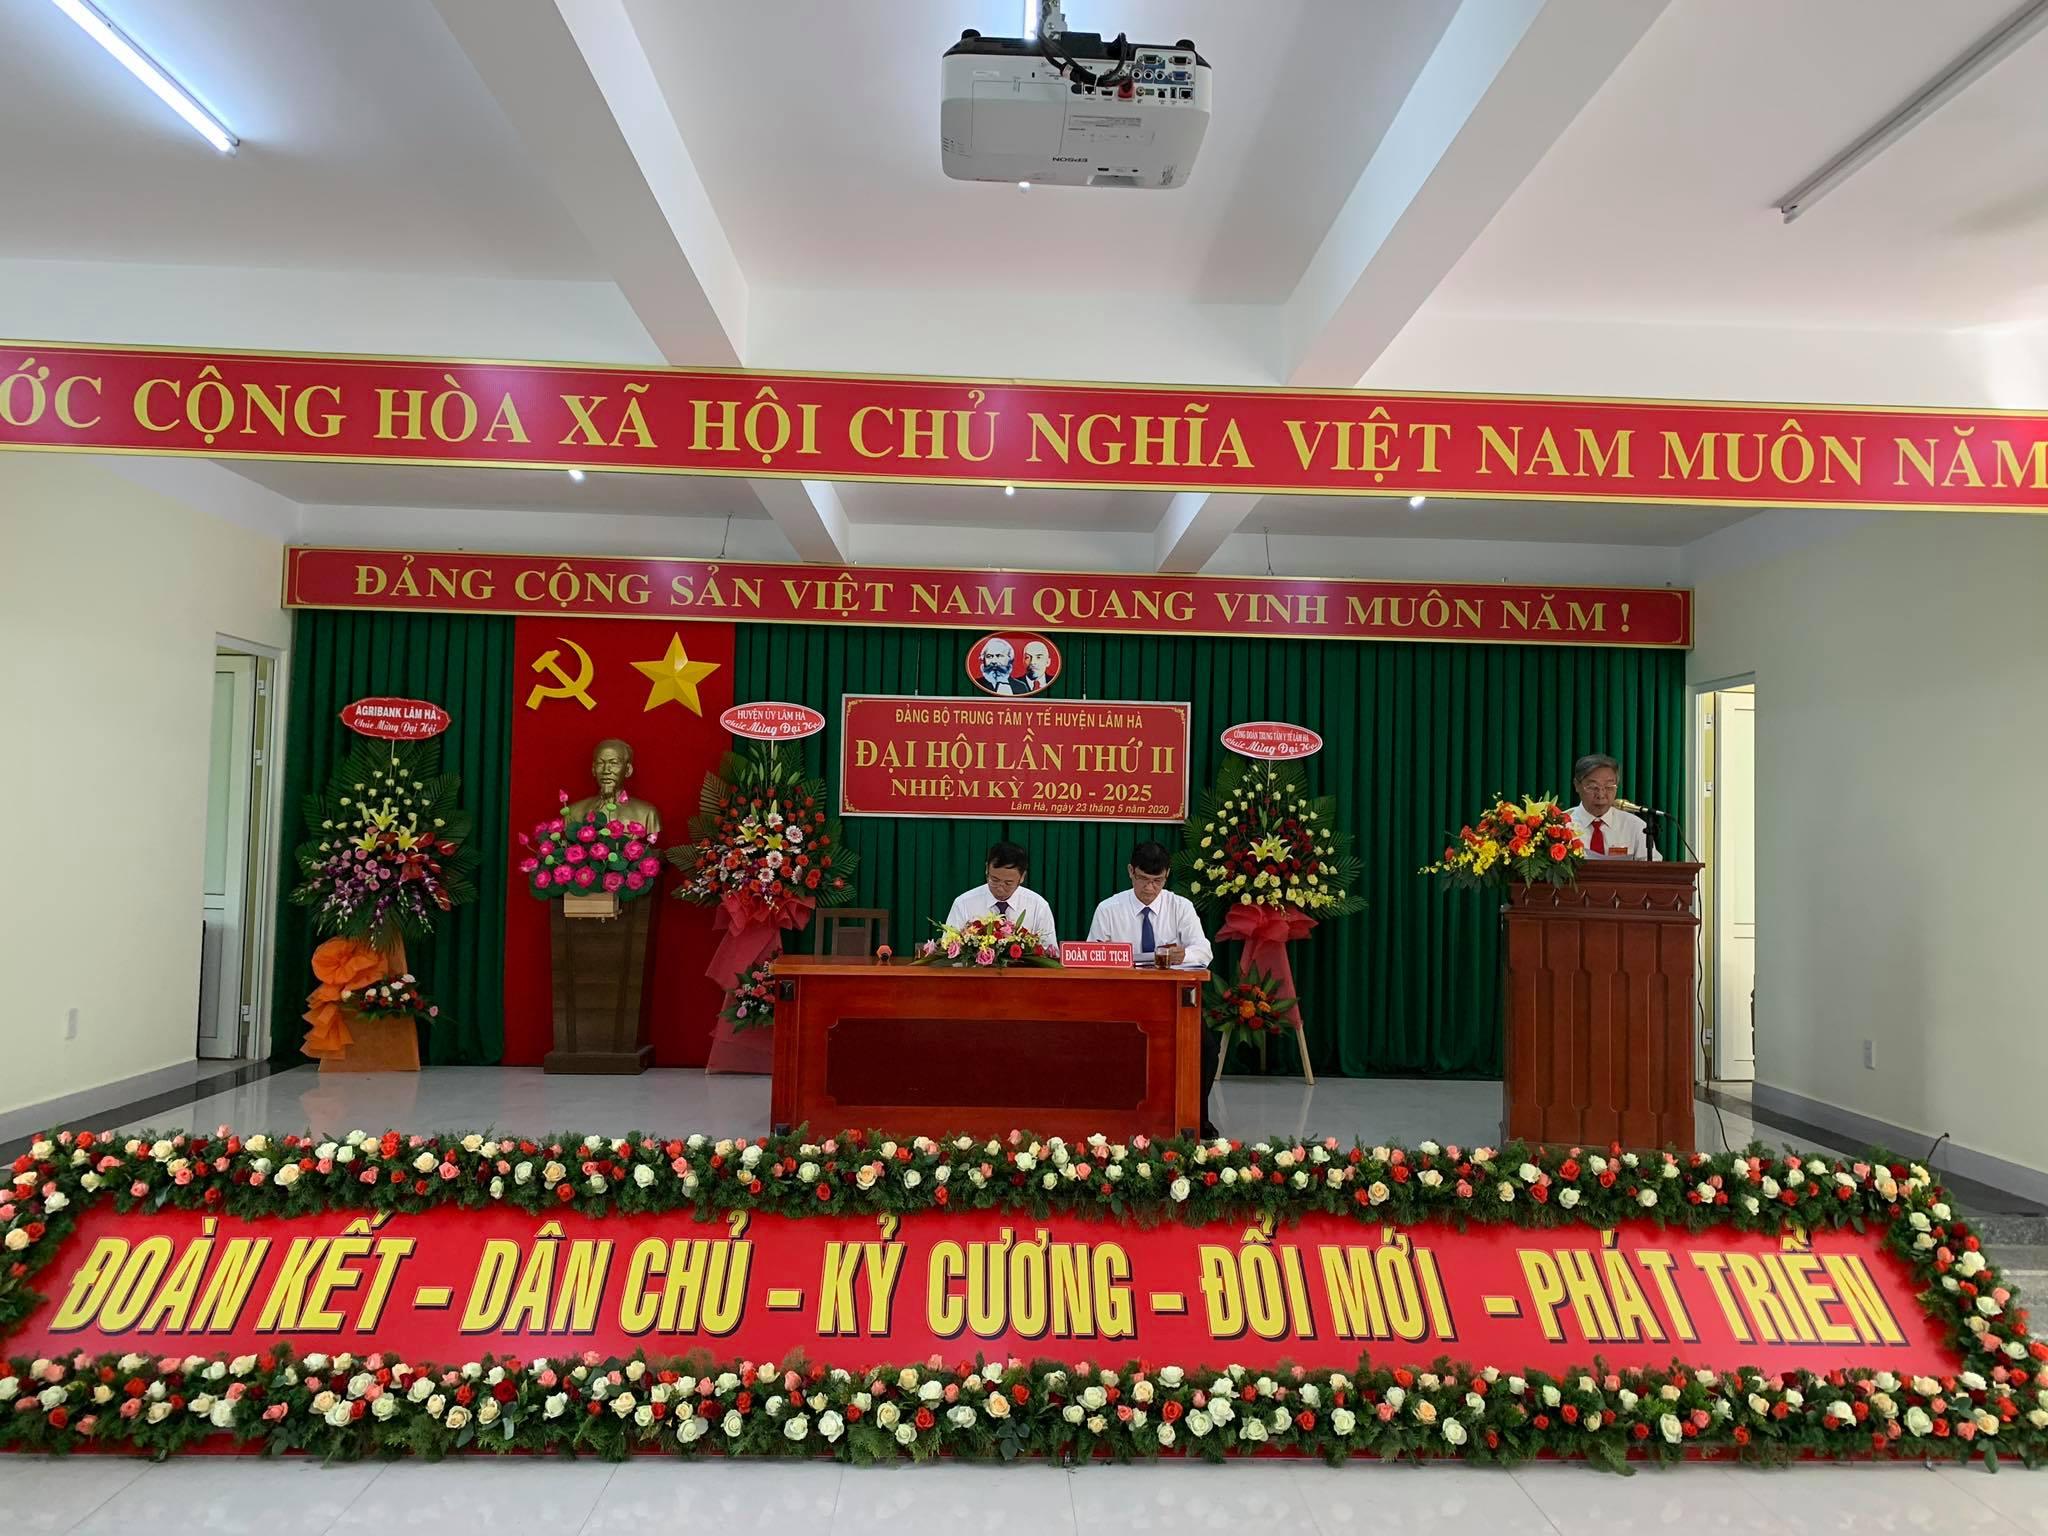 Đại hội đảng bộ TTYT huyện lần thứ II nhiệm kỳ 2020-2025